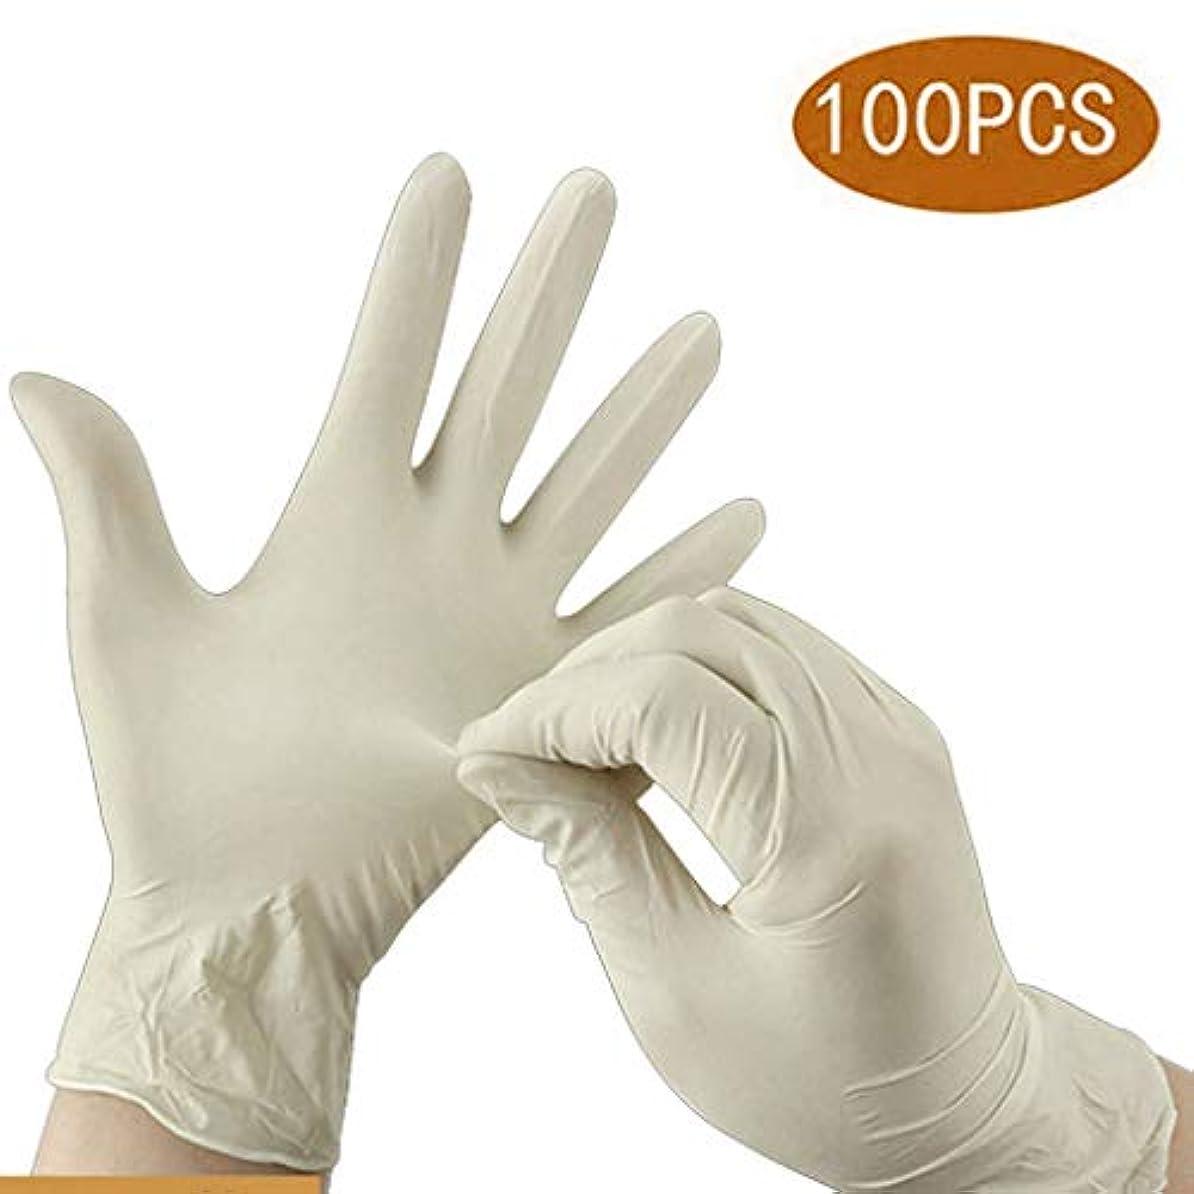 悲劇肥料メカニック9インチ使い捨てラテックス手袋、パウダーフリー、個別包装され、耐久性に優れ、労働保険、食品検査用手袋 100の病院ボックスのプロフェッショナルグレード (Size : M)